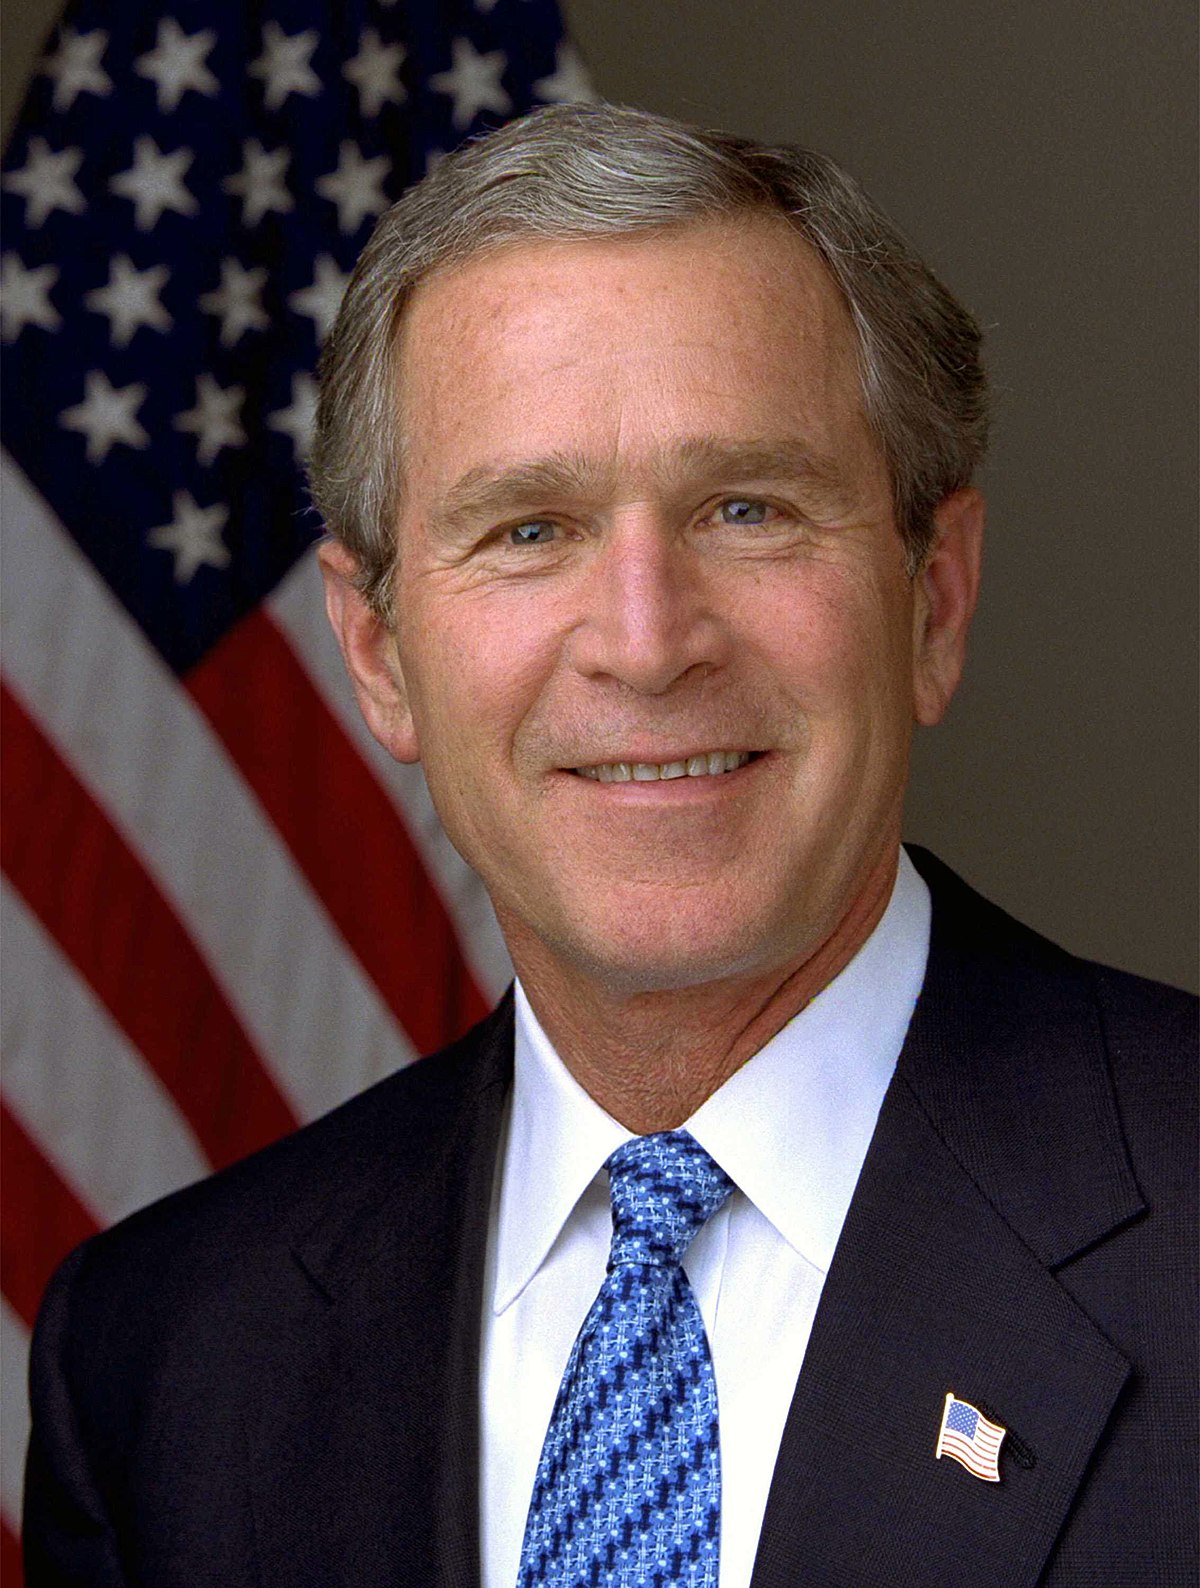 George W Bush Wikiquote Le Recueil De Citations Libres